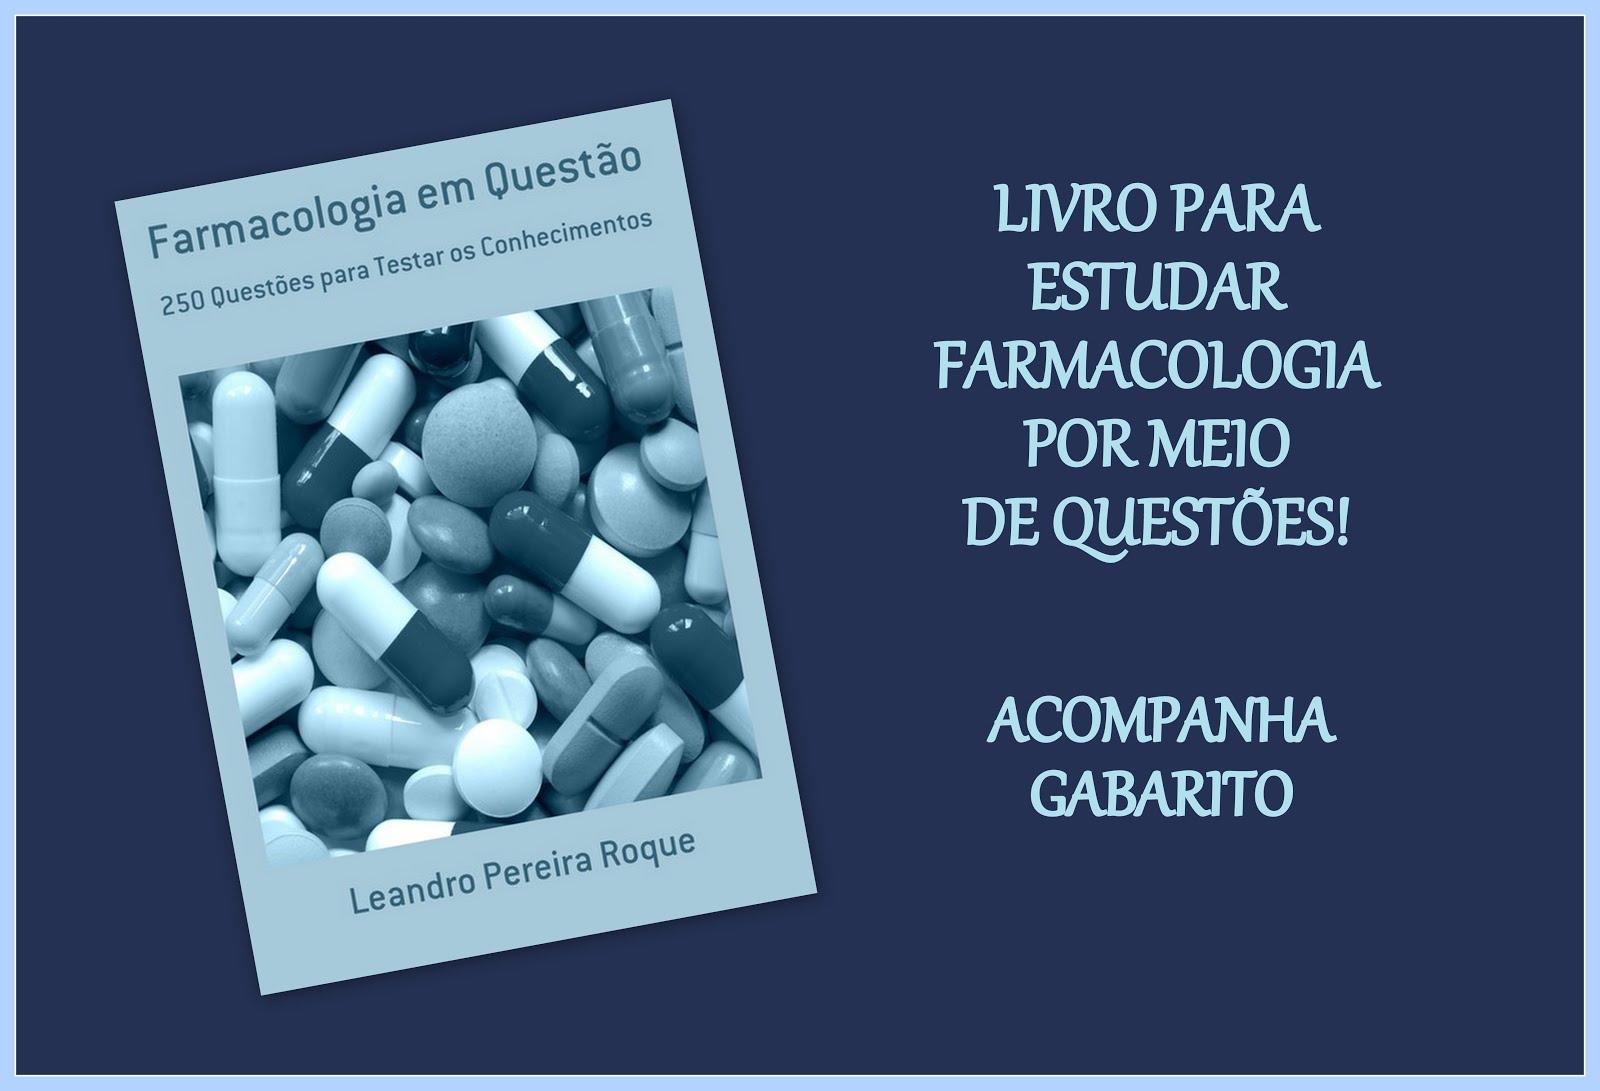 LIvro com Questões de Farmacologia